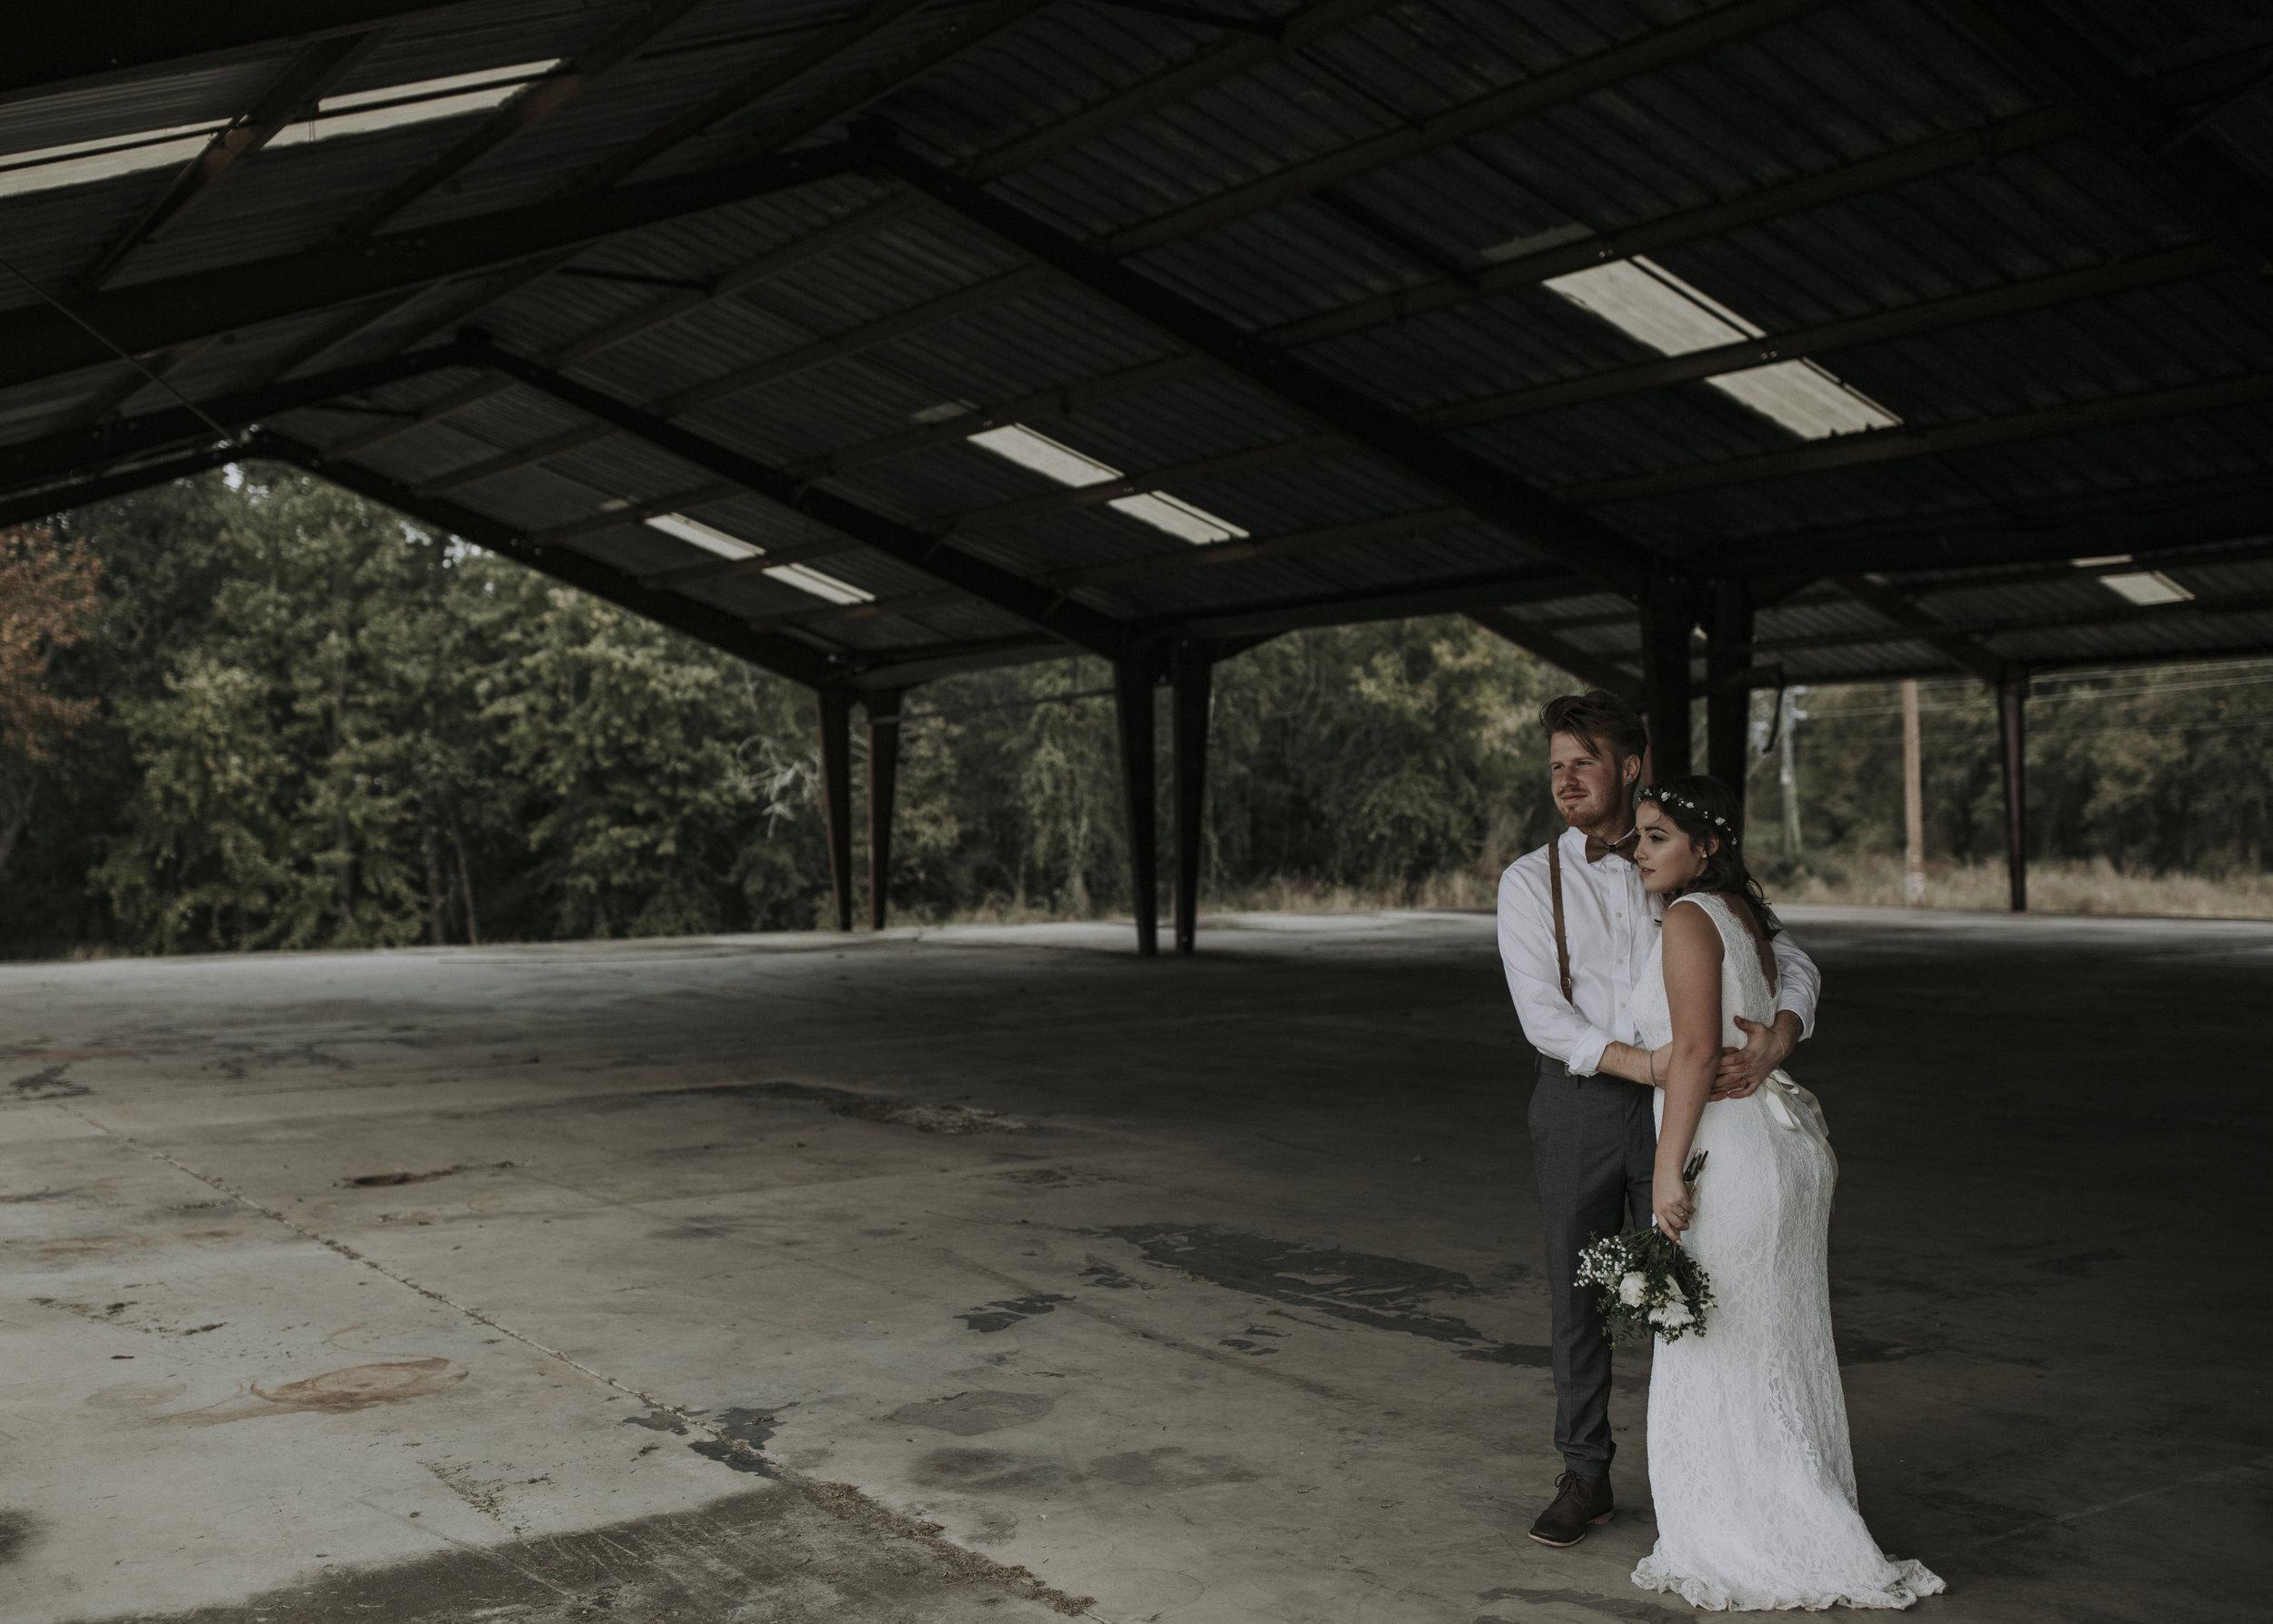 clay-and-sherilyn-wedding-95.jpg